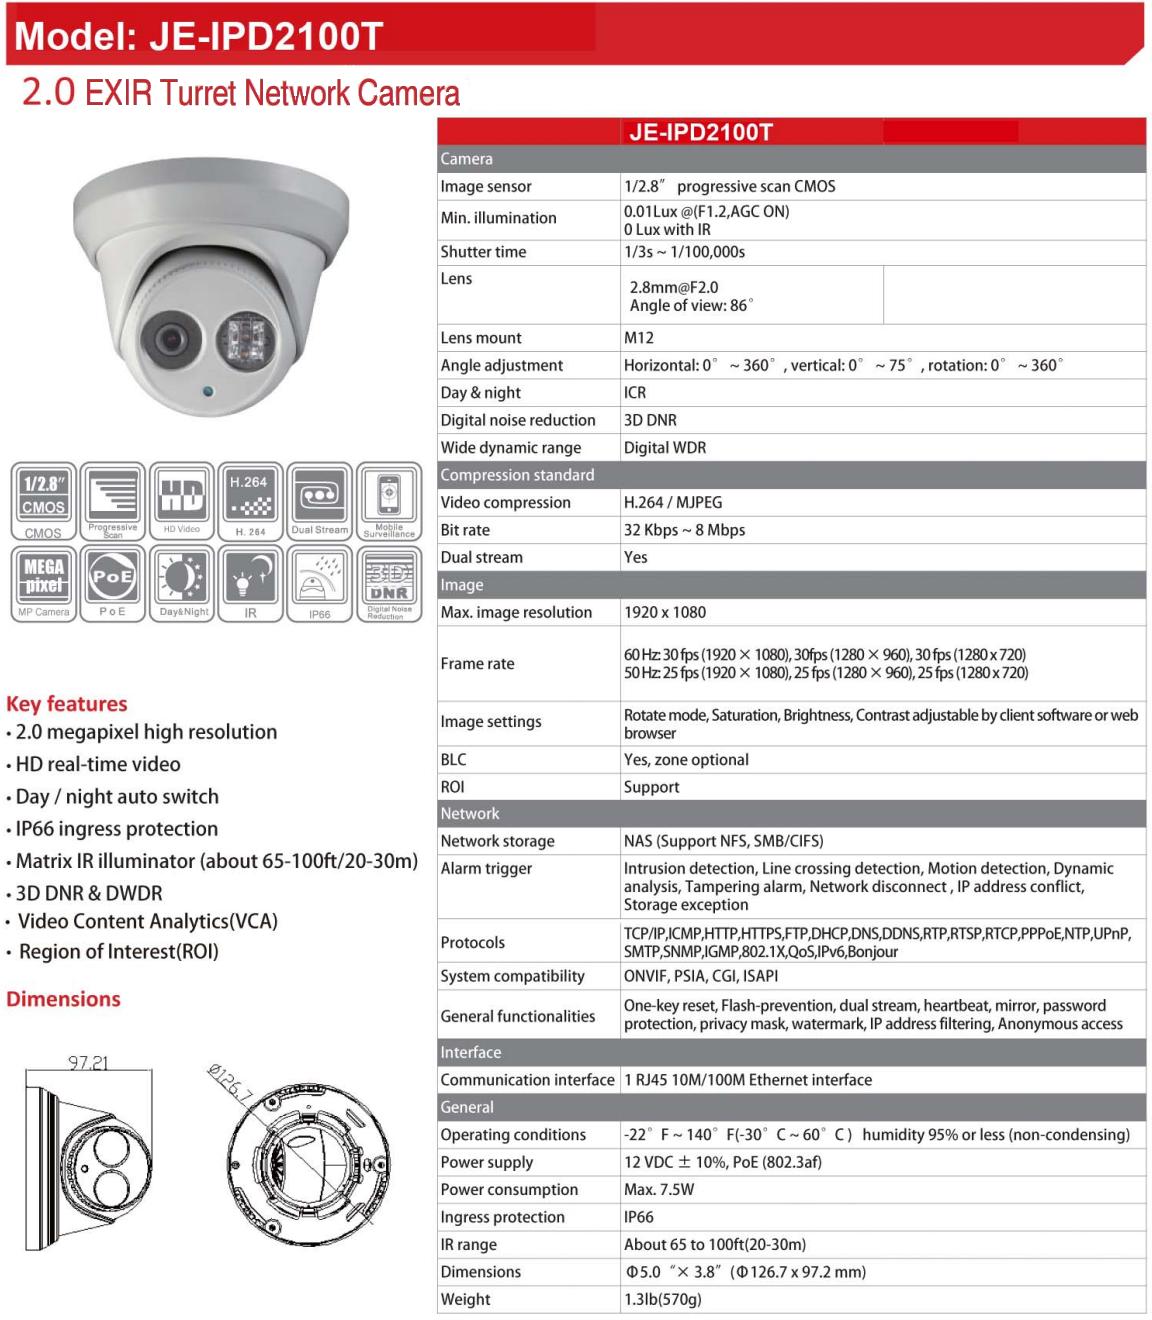 JE-IPD2100T Data Sheet